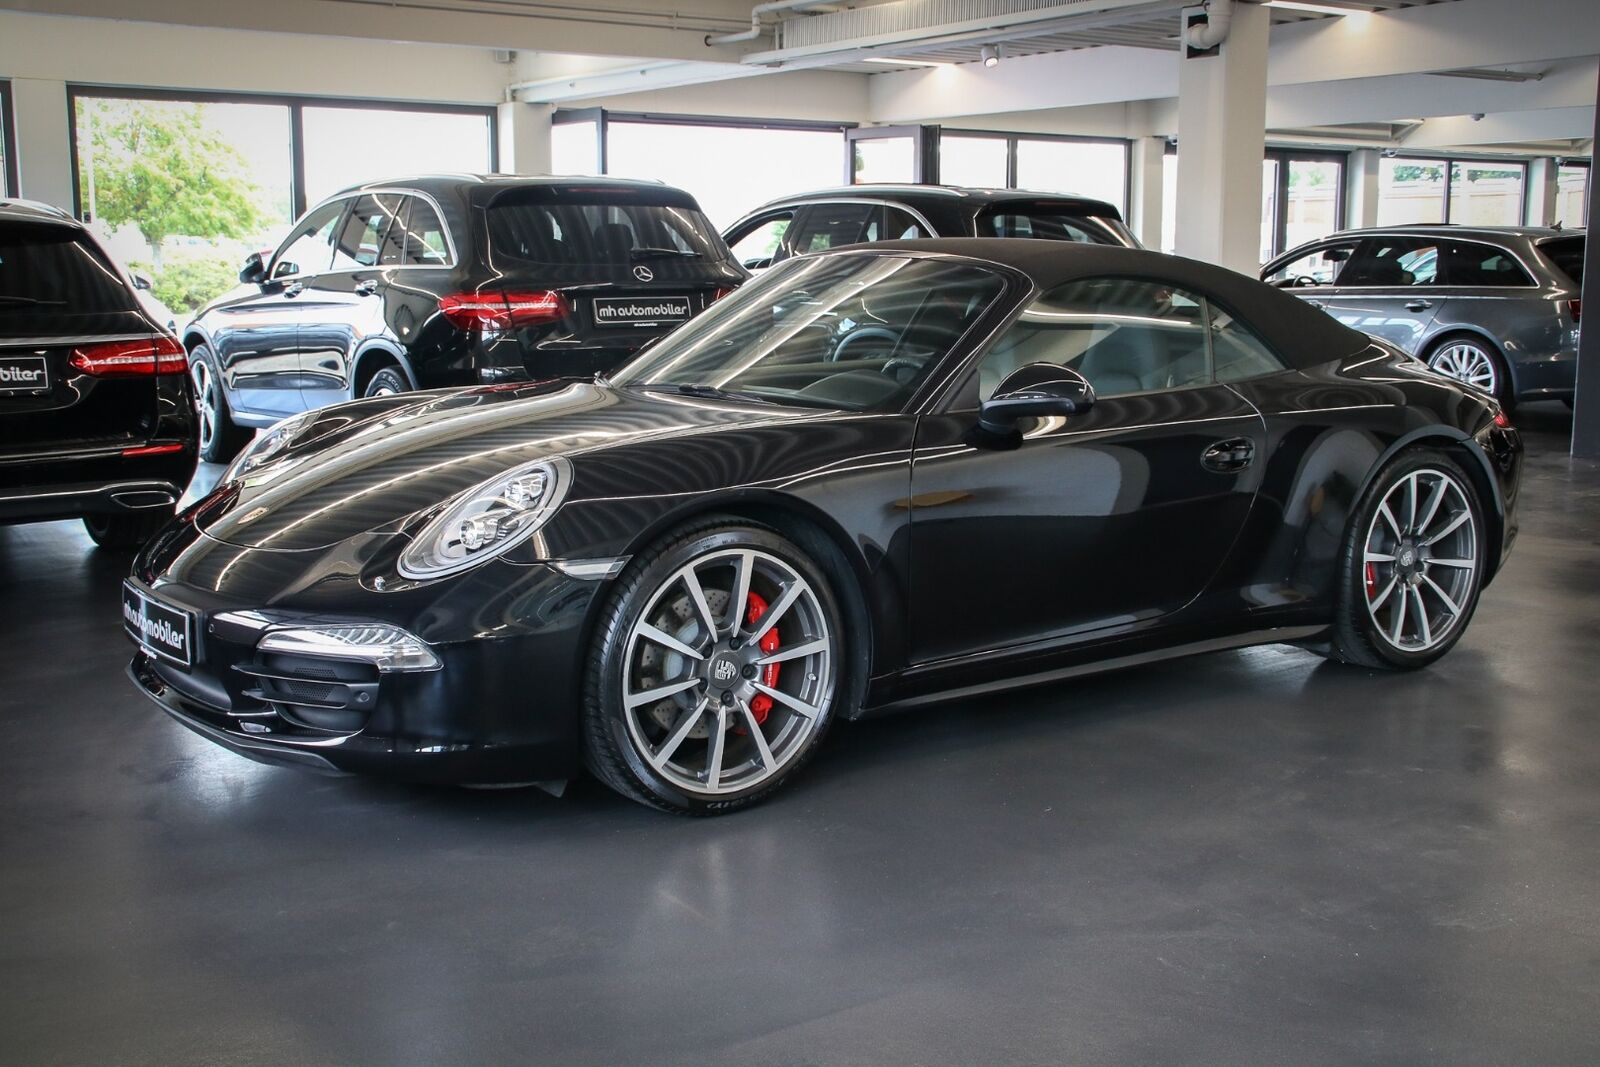 Porsche 911 Carrera 4S 3,8 Cabriolet PDK 2d - 7.730 kr.